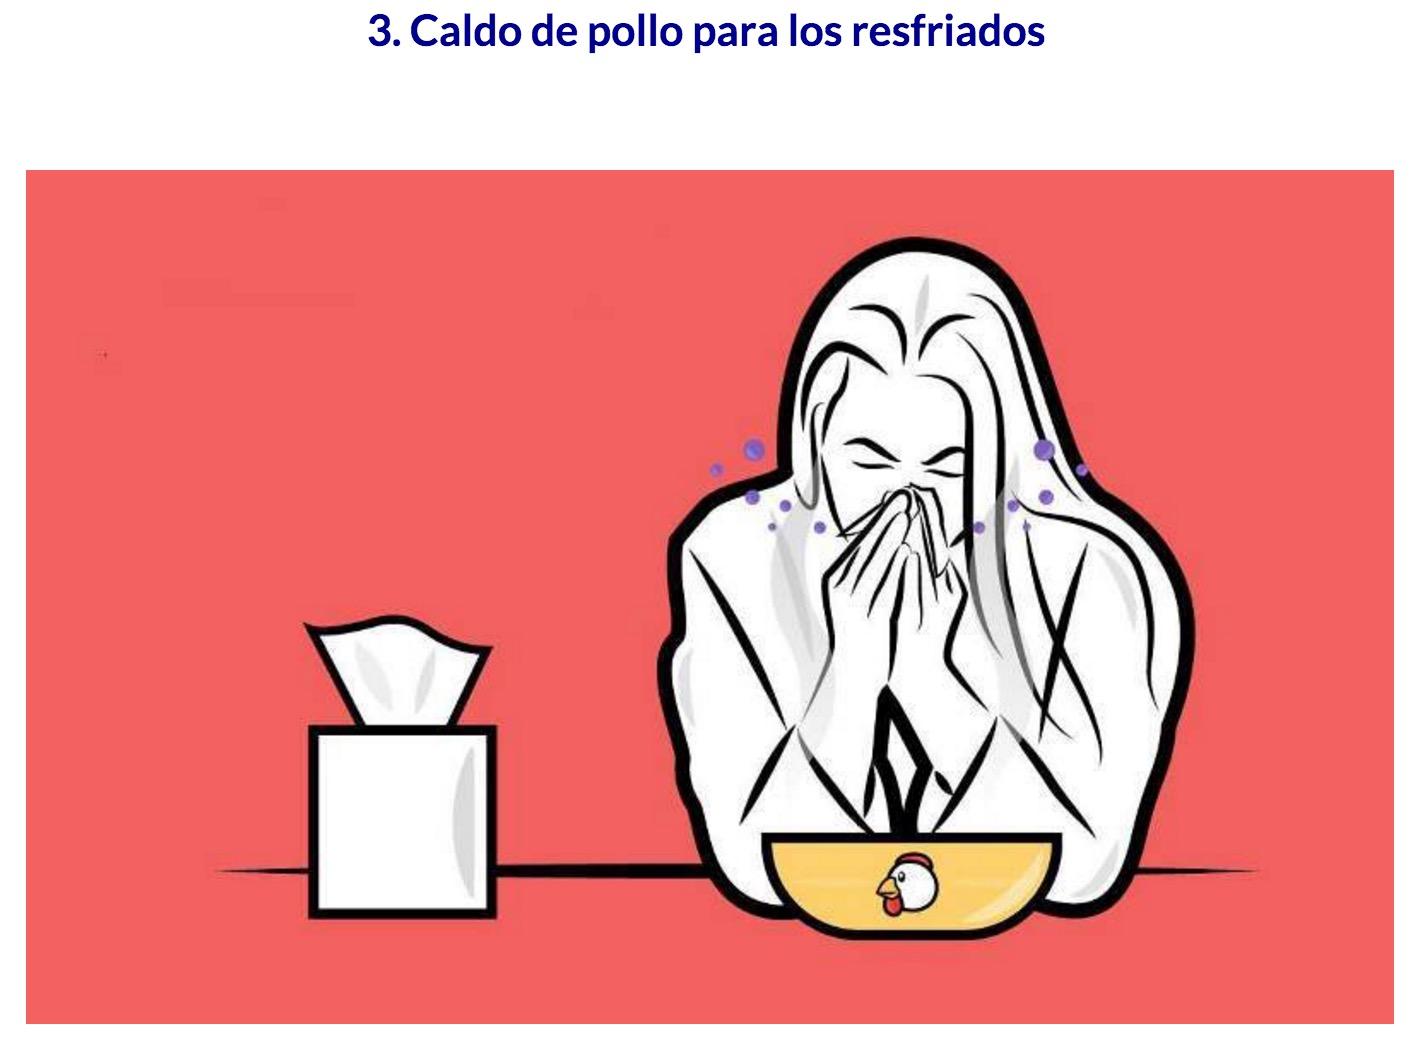 remedios-caseros-2